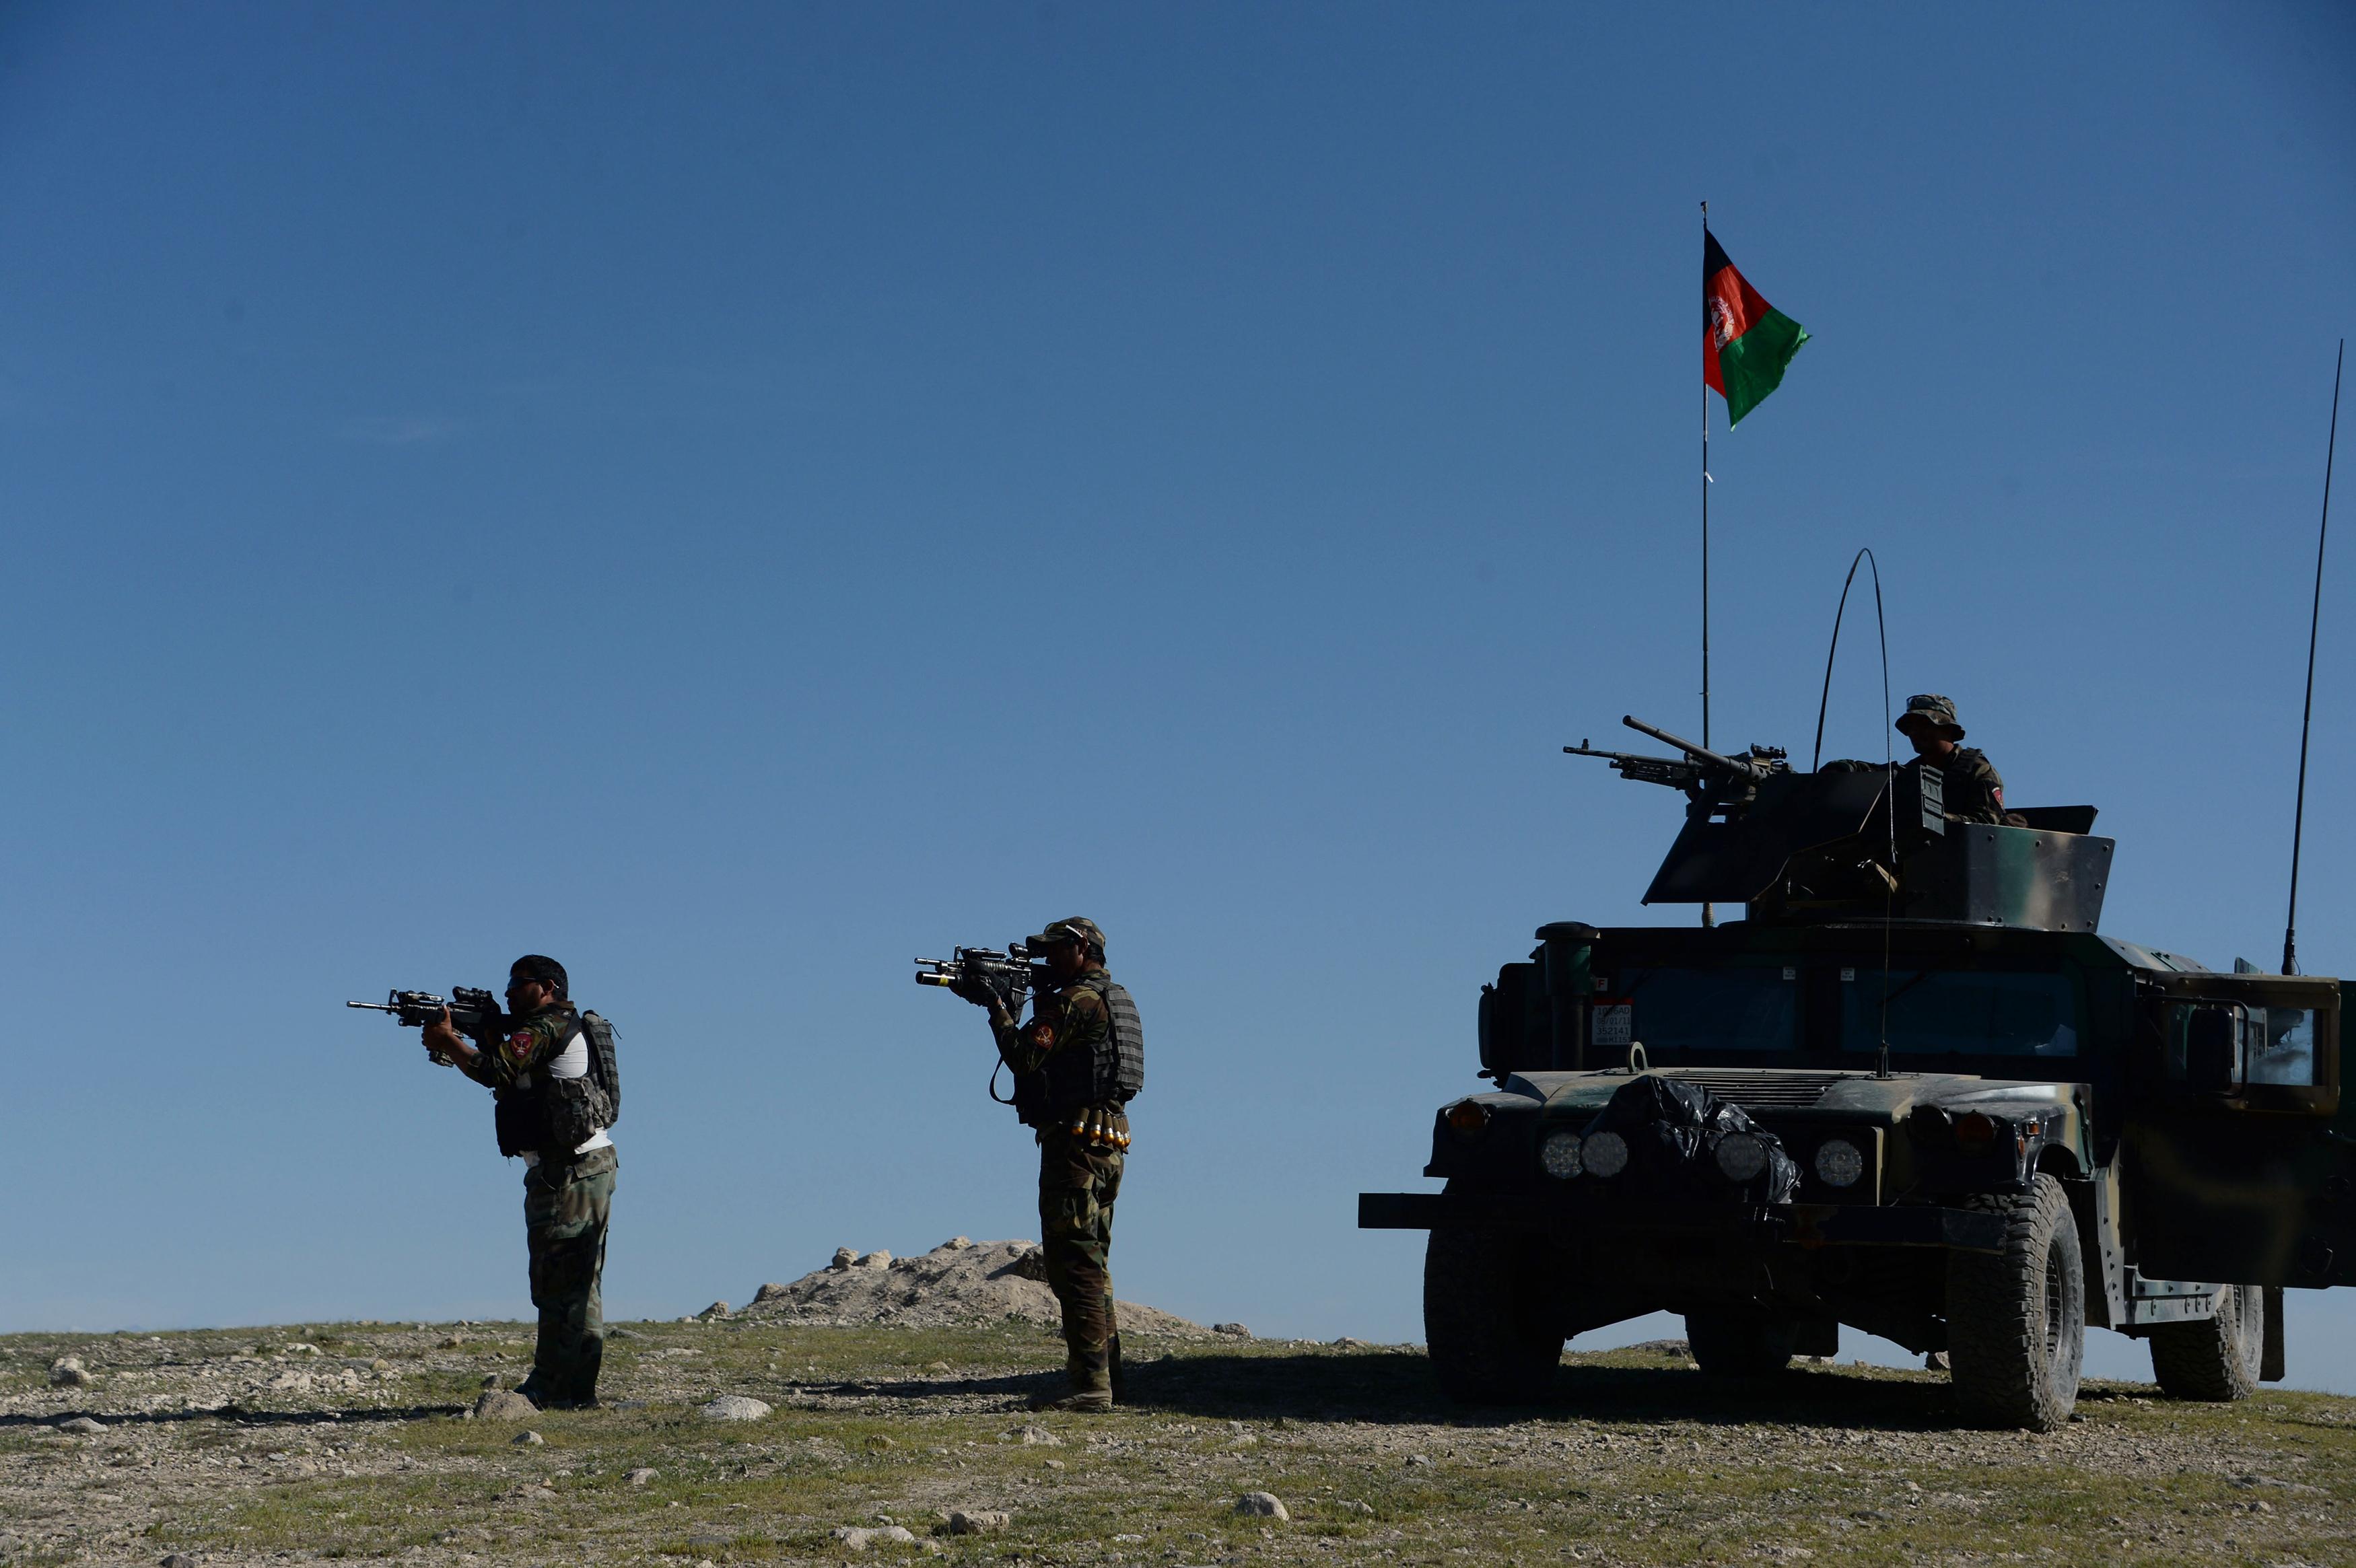 بعد از انفجار بمب ایالات متحده شمارش معکوس برای داعش در افغانستان و پاکستان شروع شده است